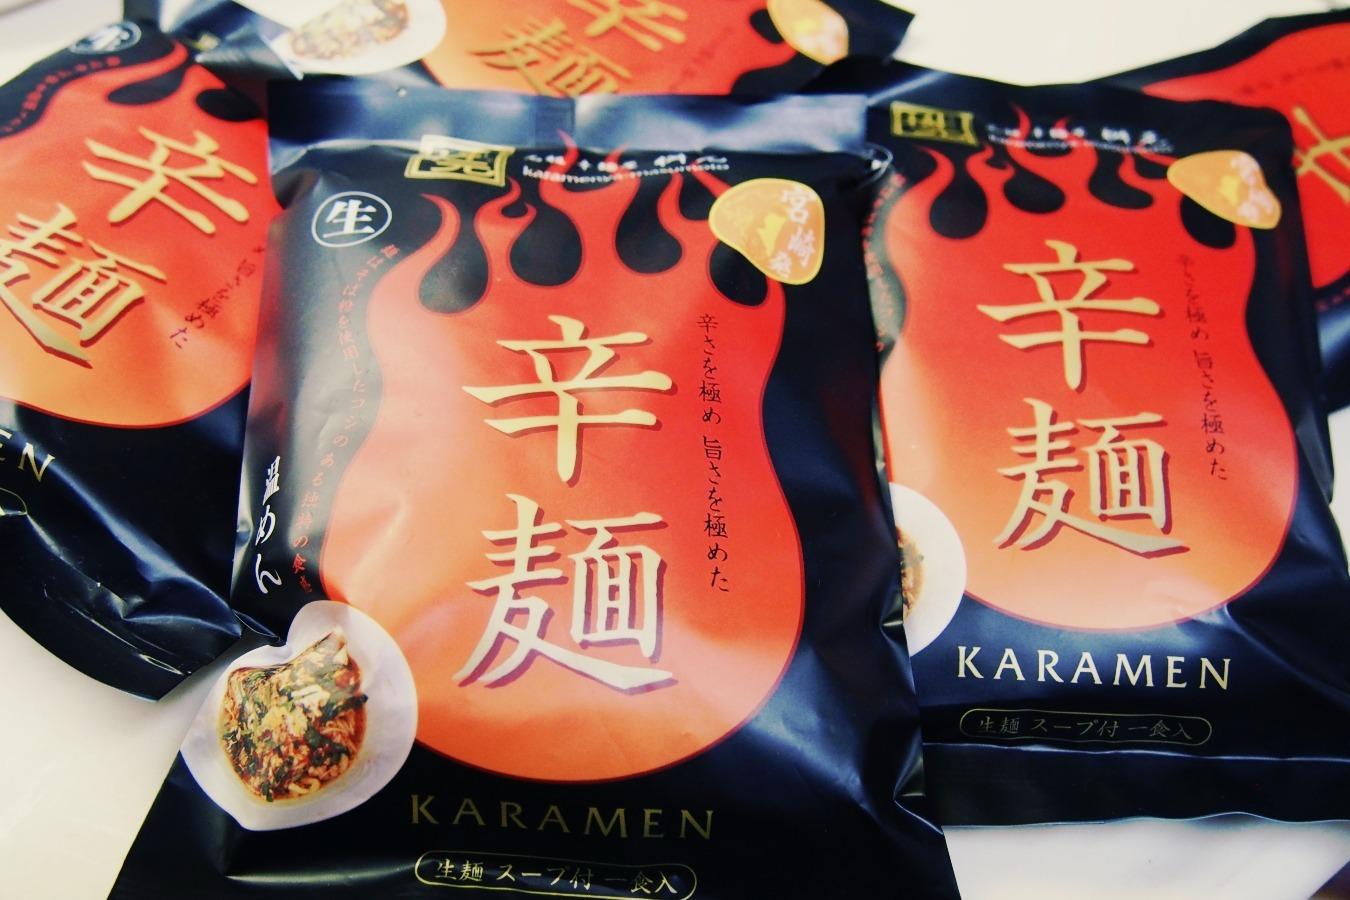 【比較】宮崎「辛麺」と川崎「元祖ニュータンタンメン」の近似値_b0008655_19030162.jpg